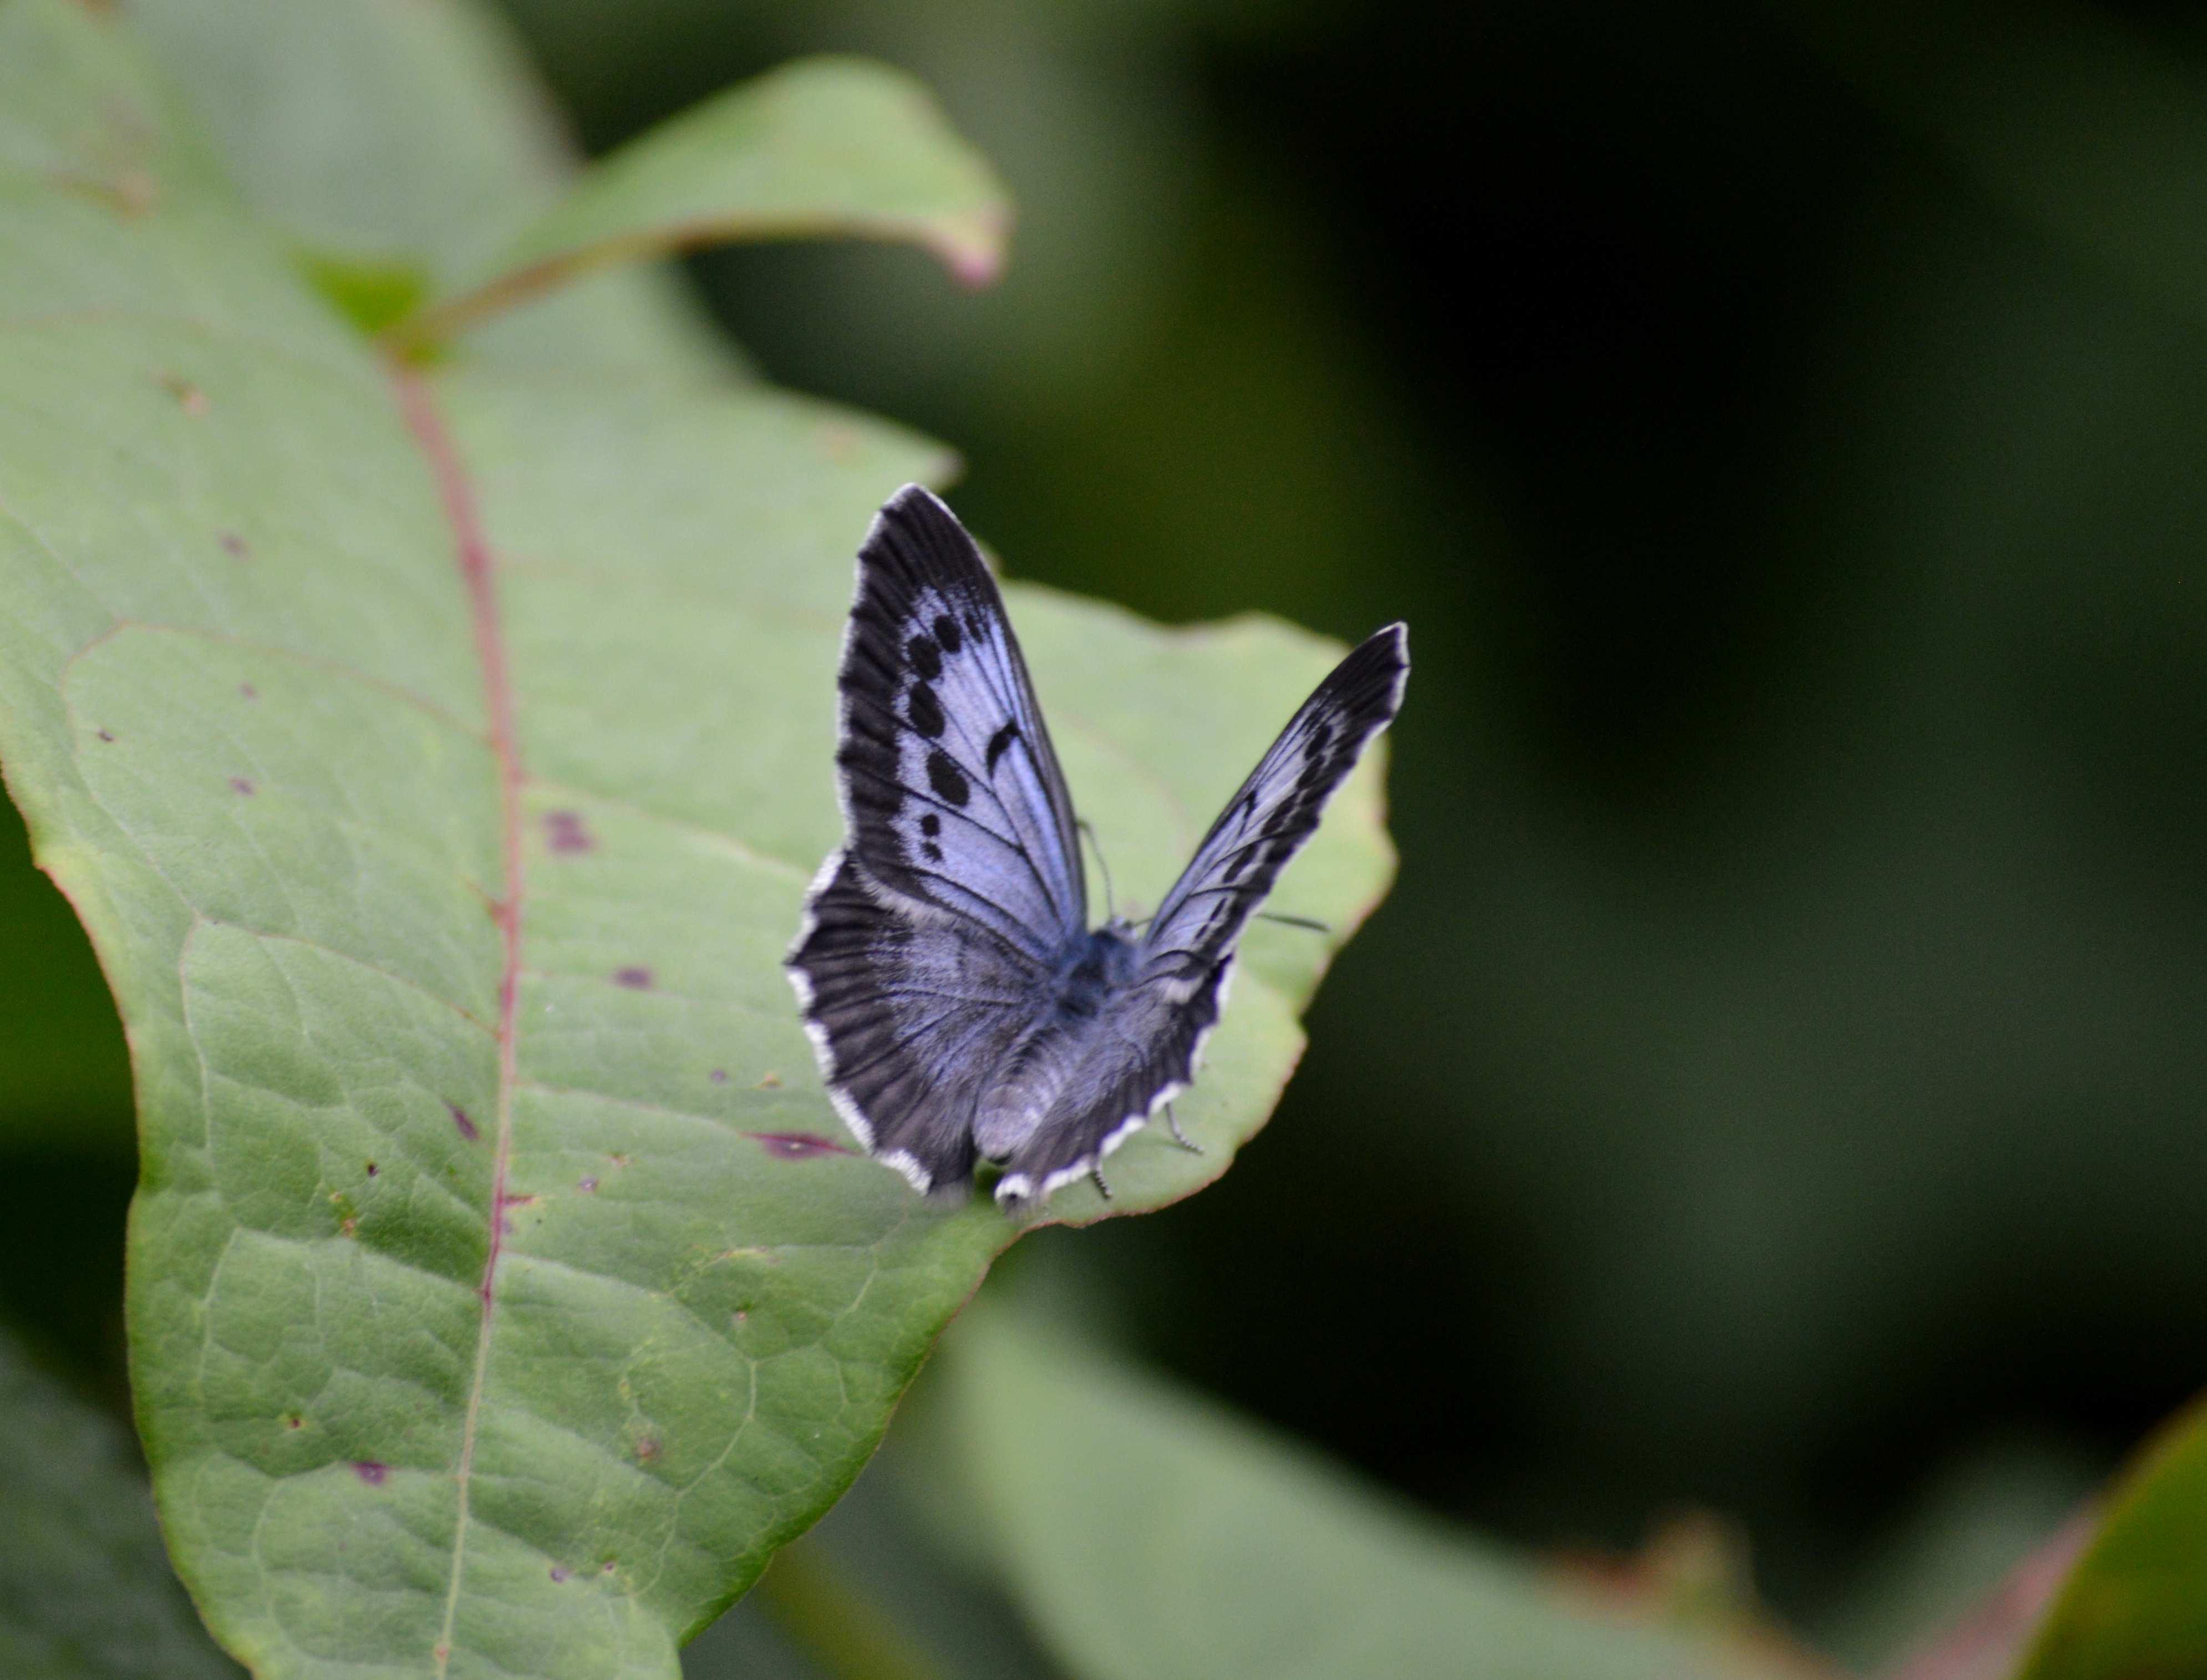 オオゴマシジミ やっぱりハードルの高い蝶でした_d0254540_15135539.jpg